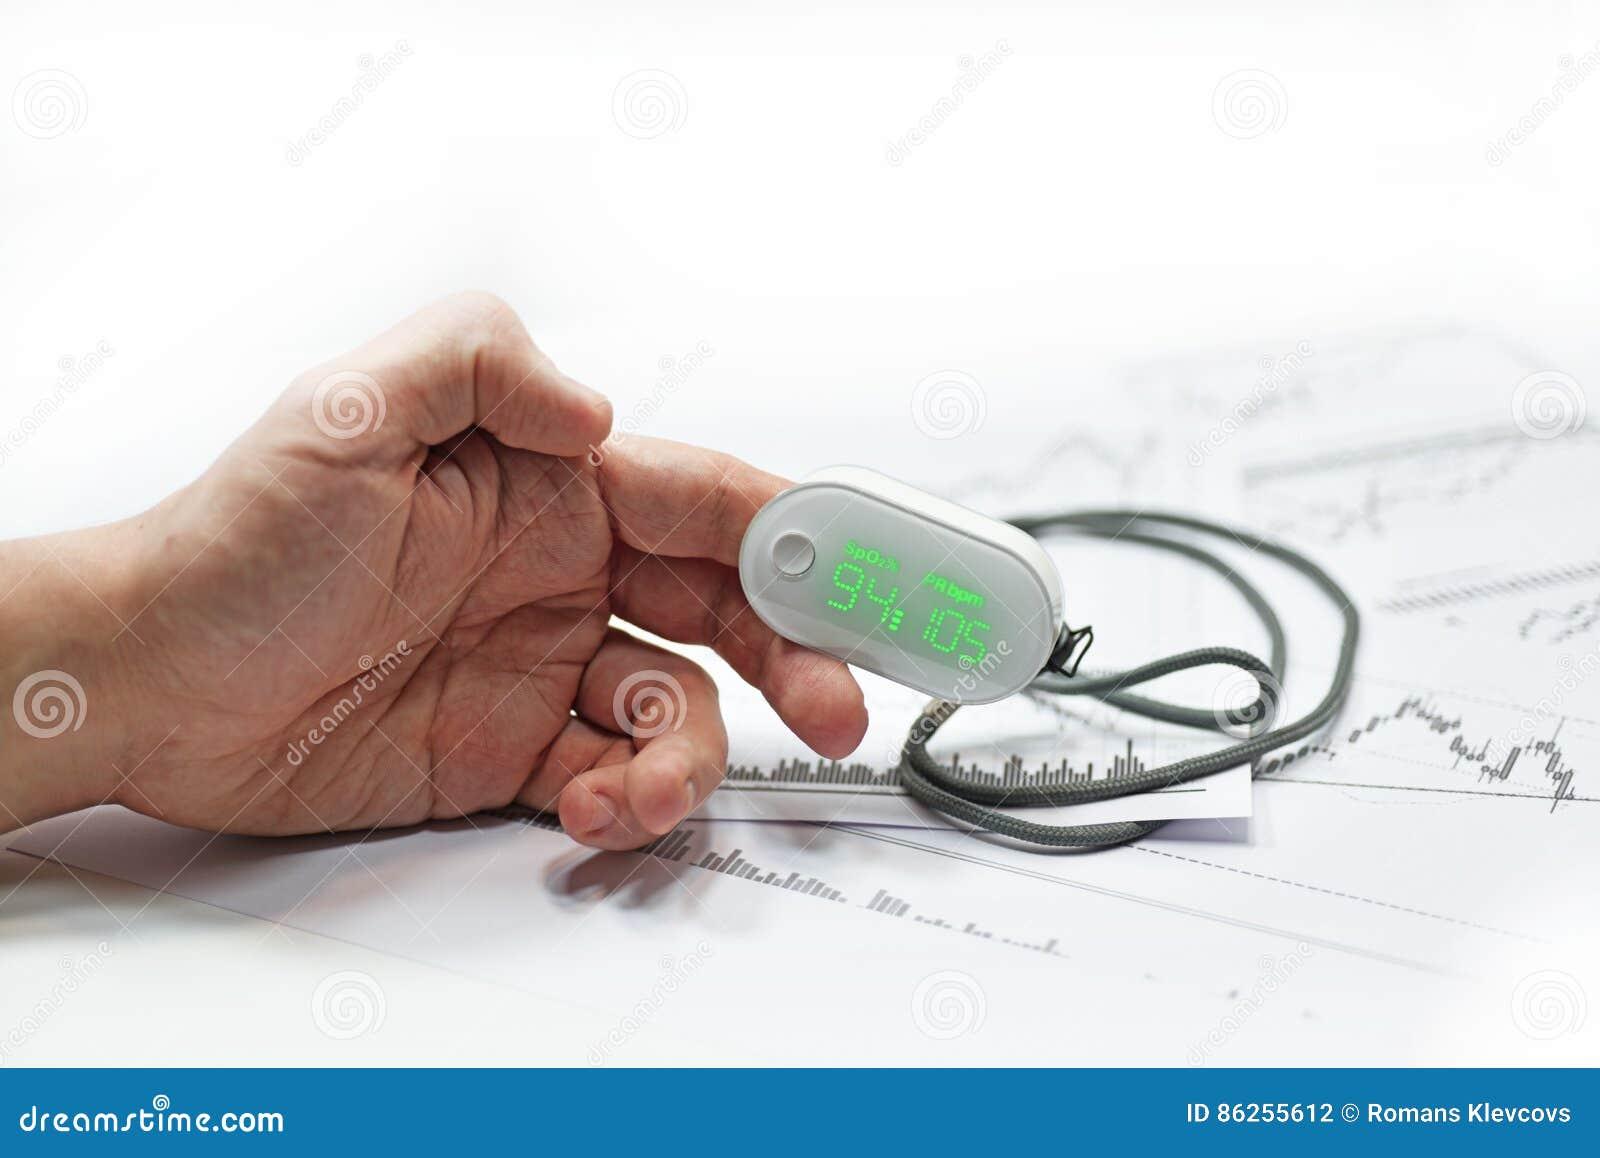 Метр кислорода крови дальше укомплектовывает личным составом палец